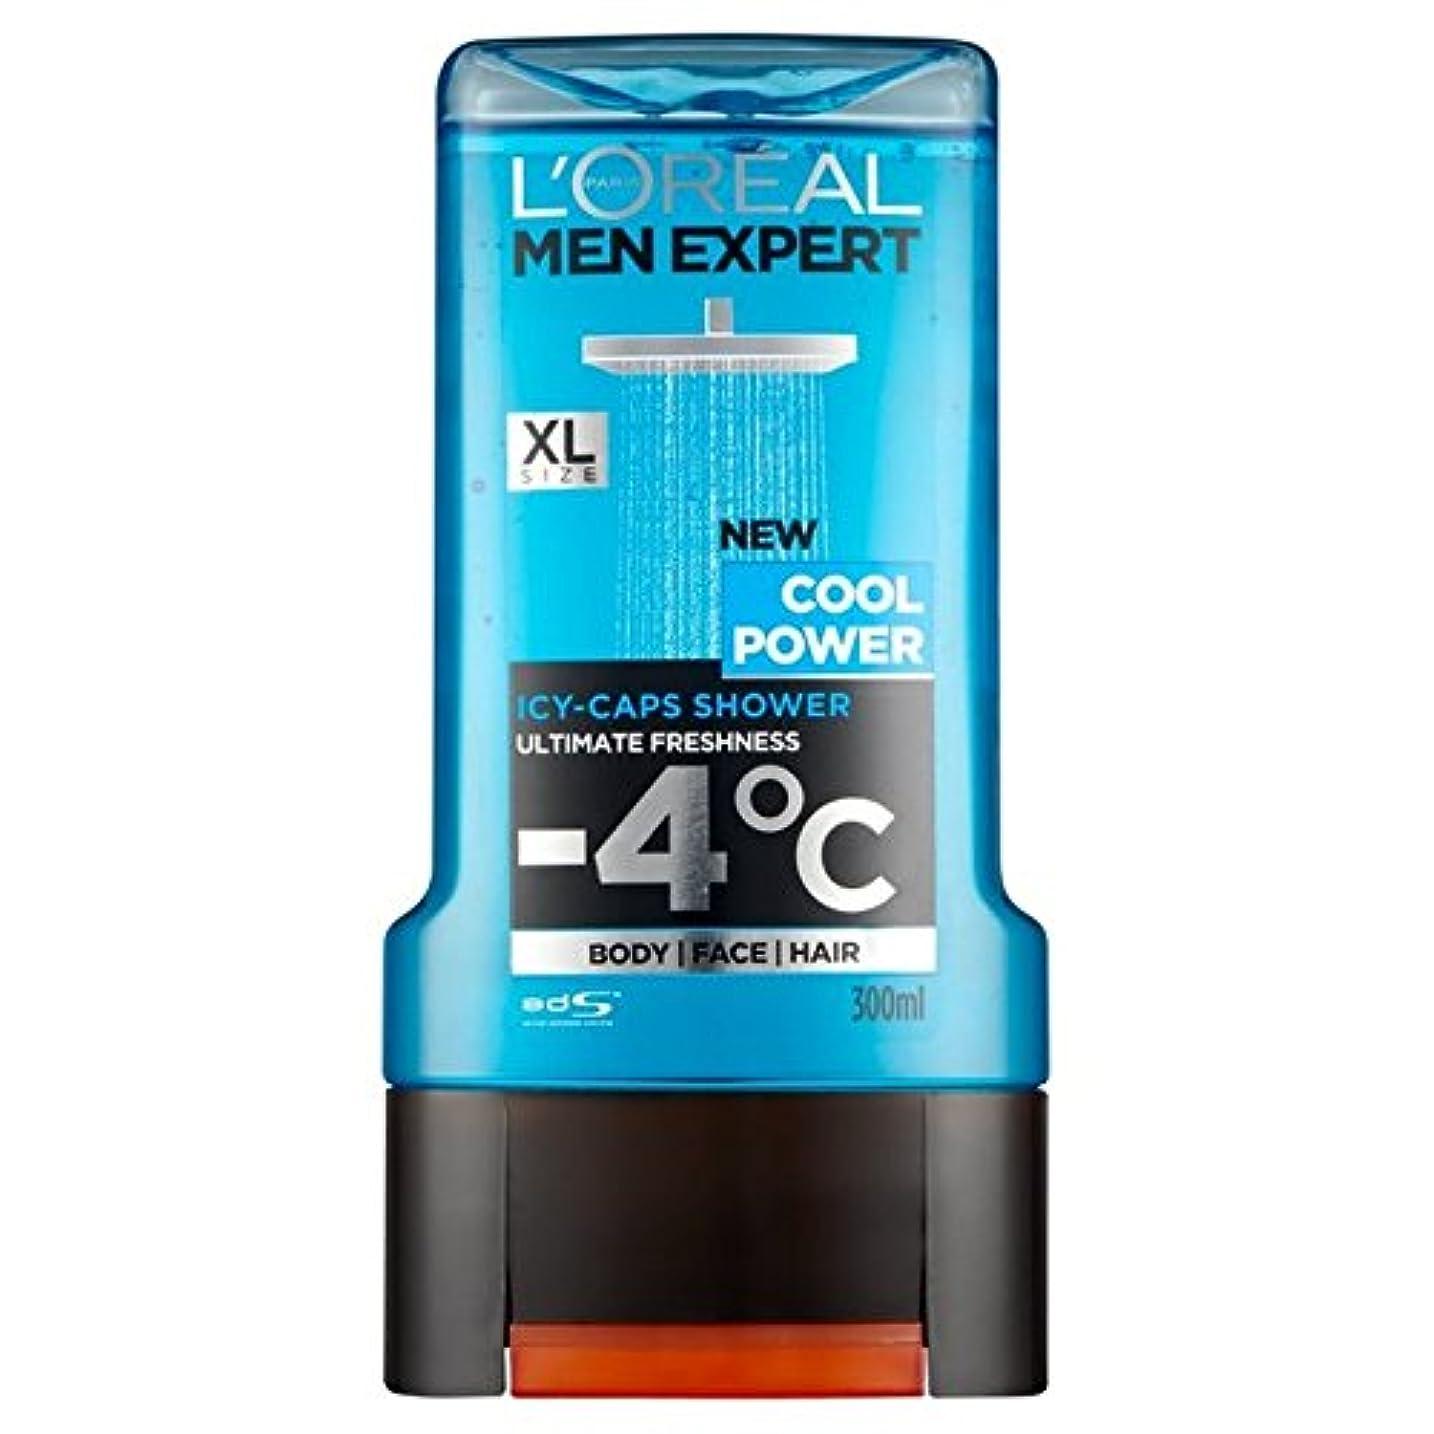 女の子キャメル野なL'Oreal Paris Men Expert Cool Power Shower Gel 300ml - ロレアルパリの男性の専門家のクールなパワーシャワージェル300ミリリットル [並行輸入品]